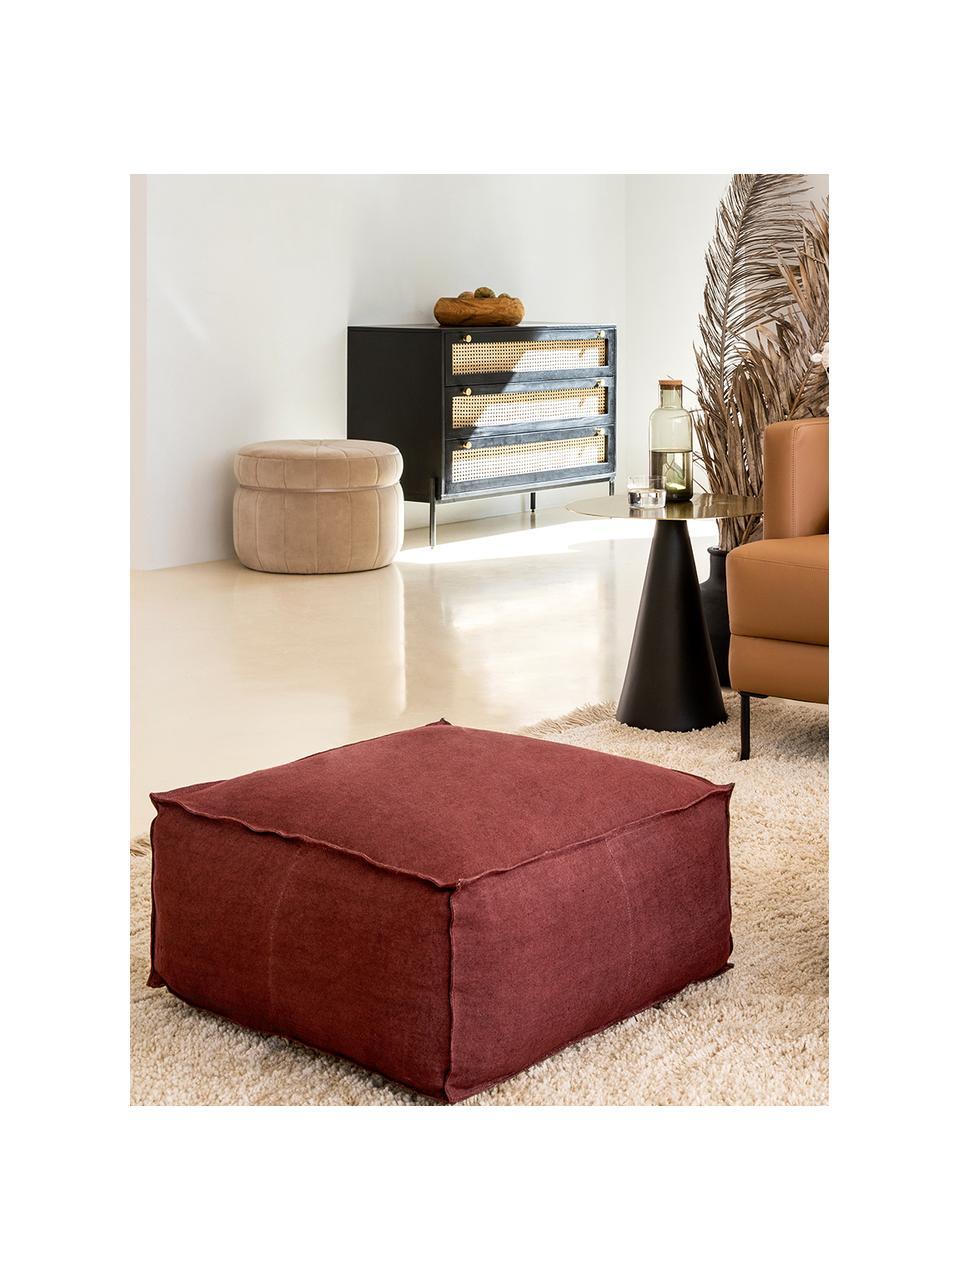 Ręcznie wykonana poduszka podłogowa z lnu Saffron, Tapicerka: 100% len, Rudy, S 70 x W 30 cm